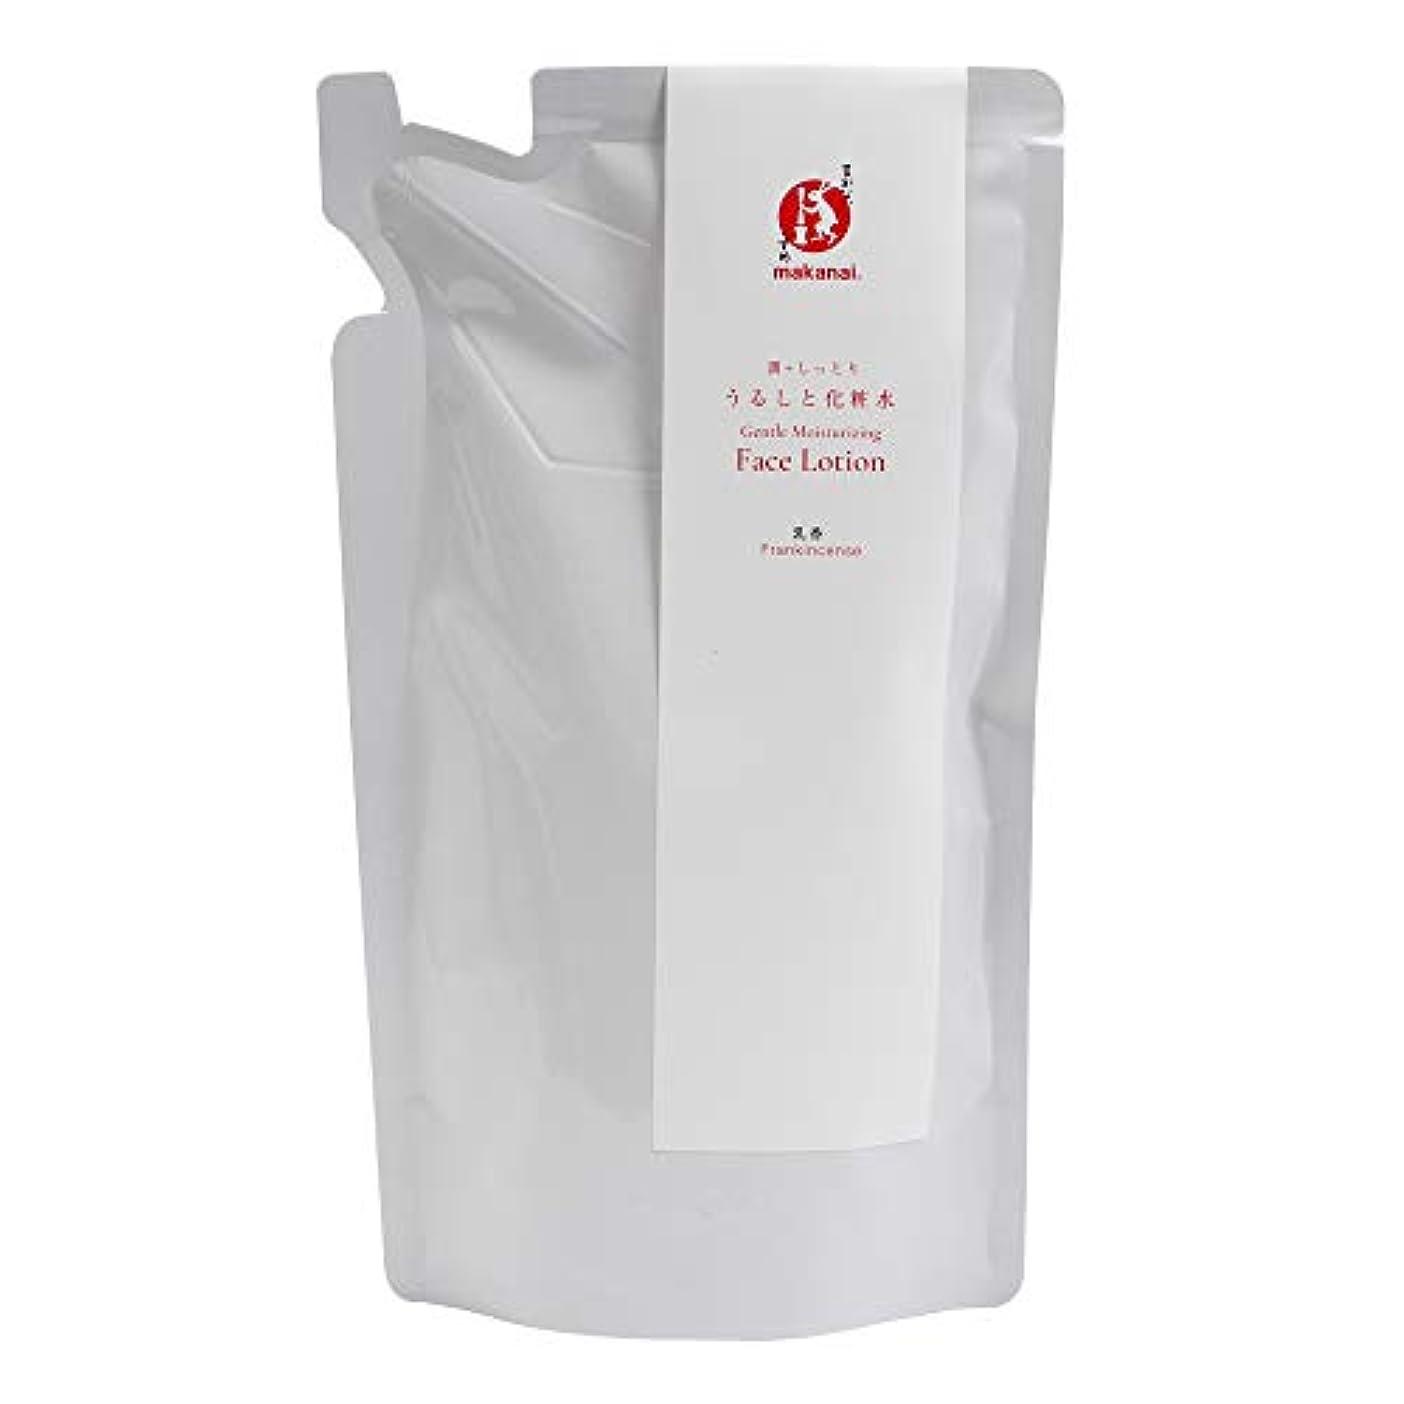 まかないこすめ うるしと化粧水(詰め替え用) 150ml